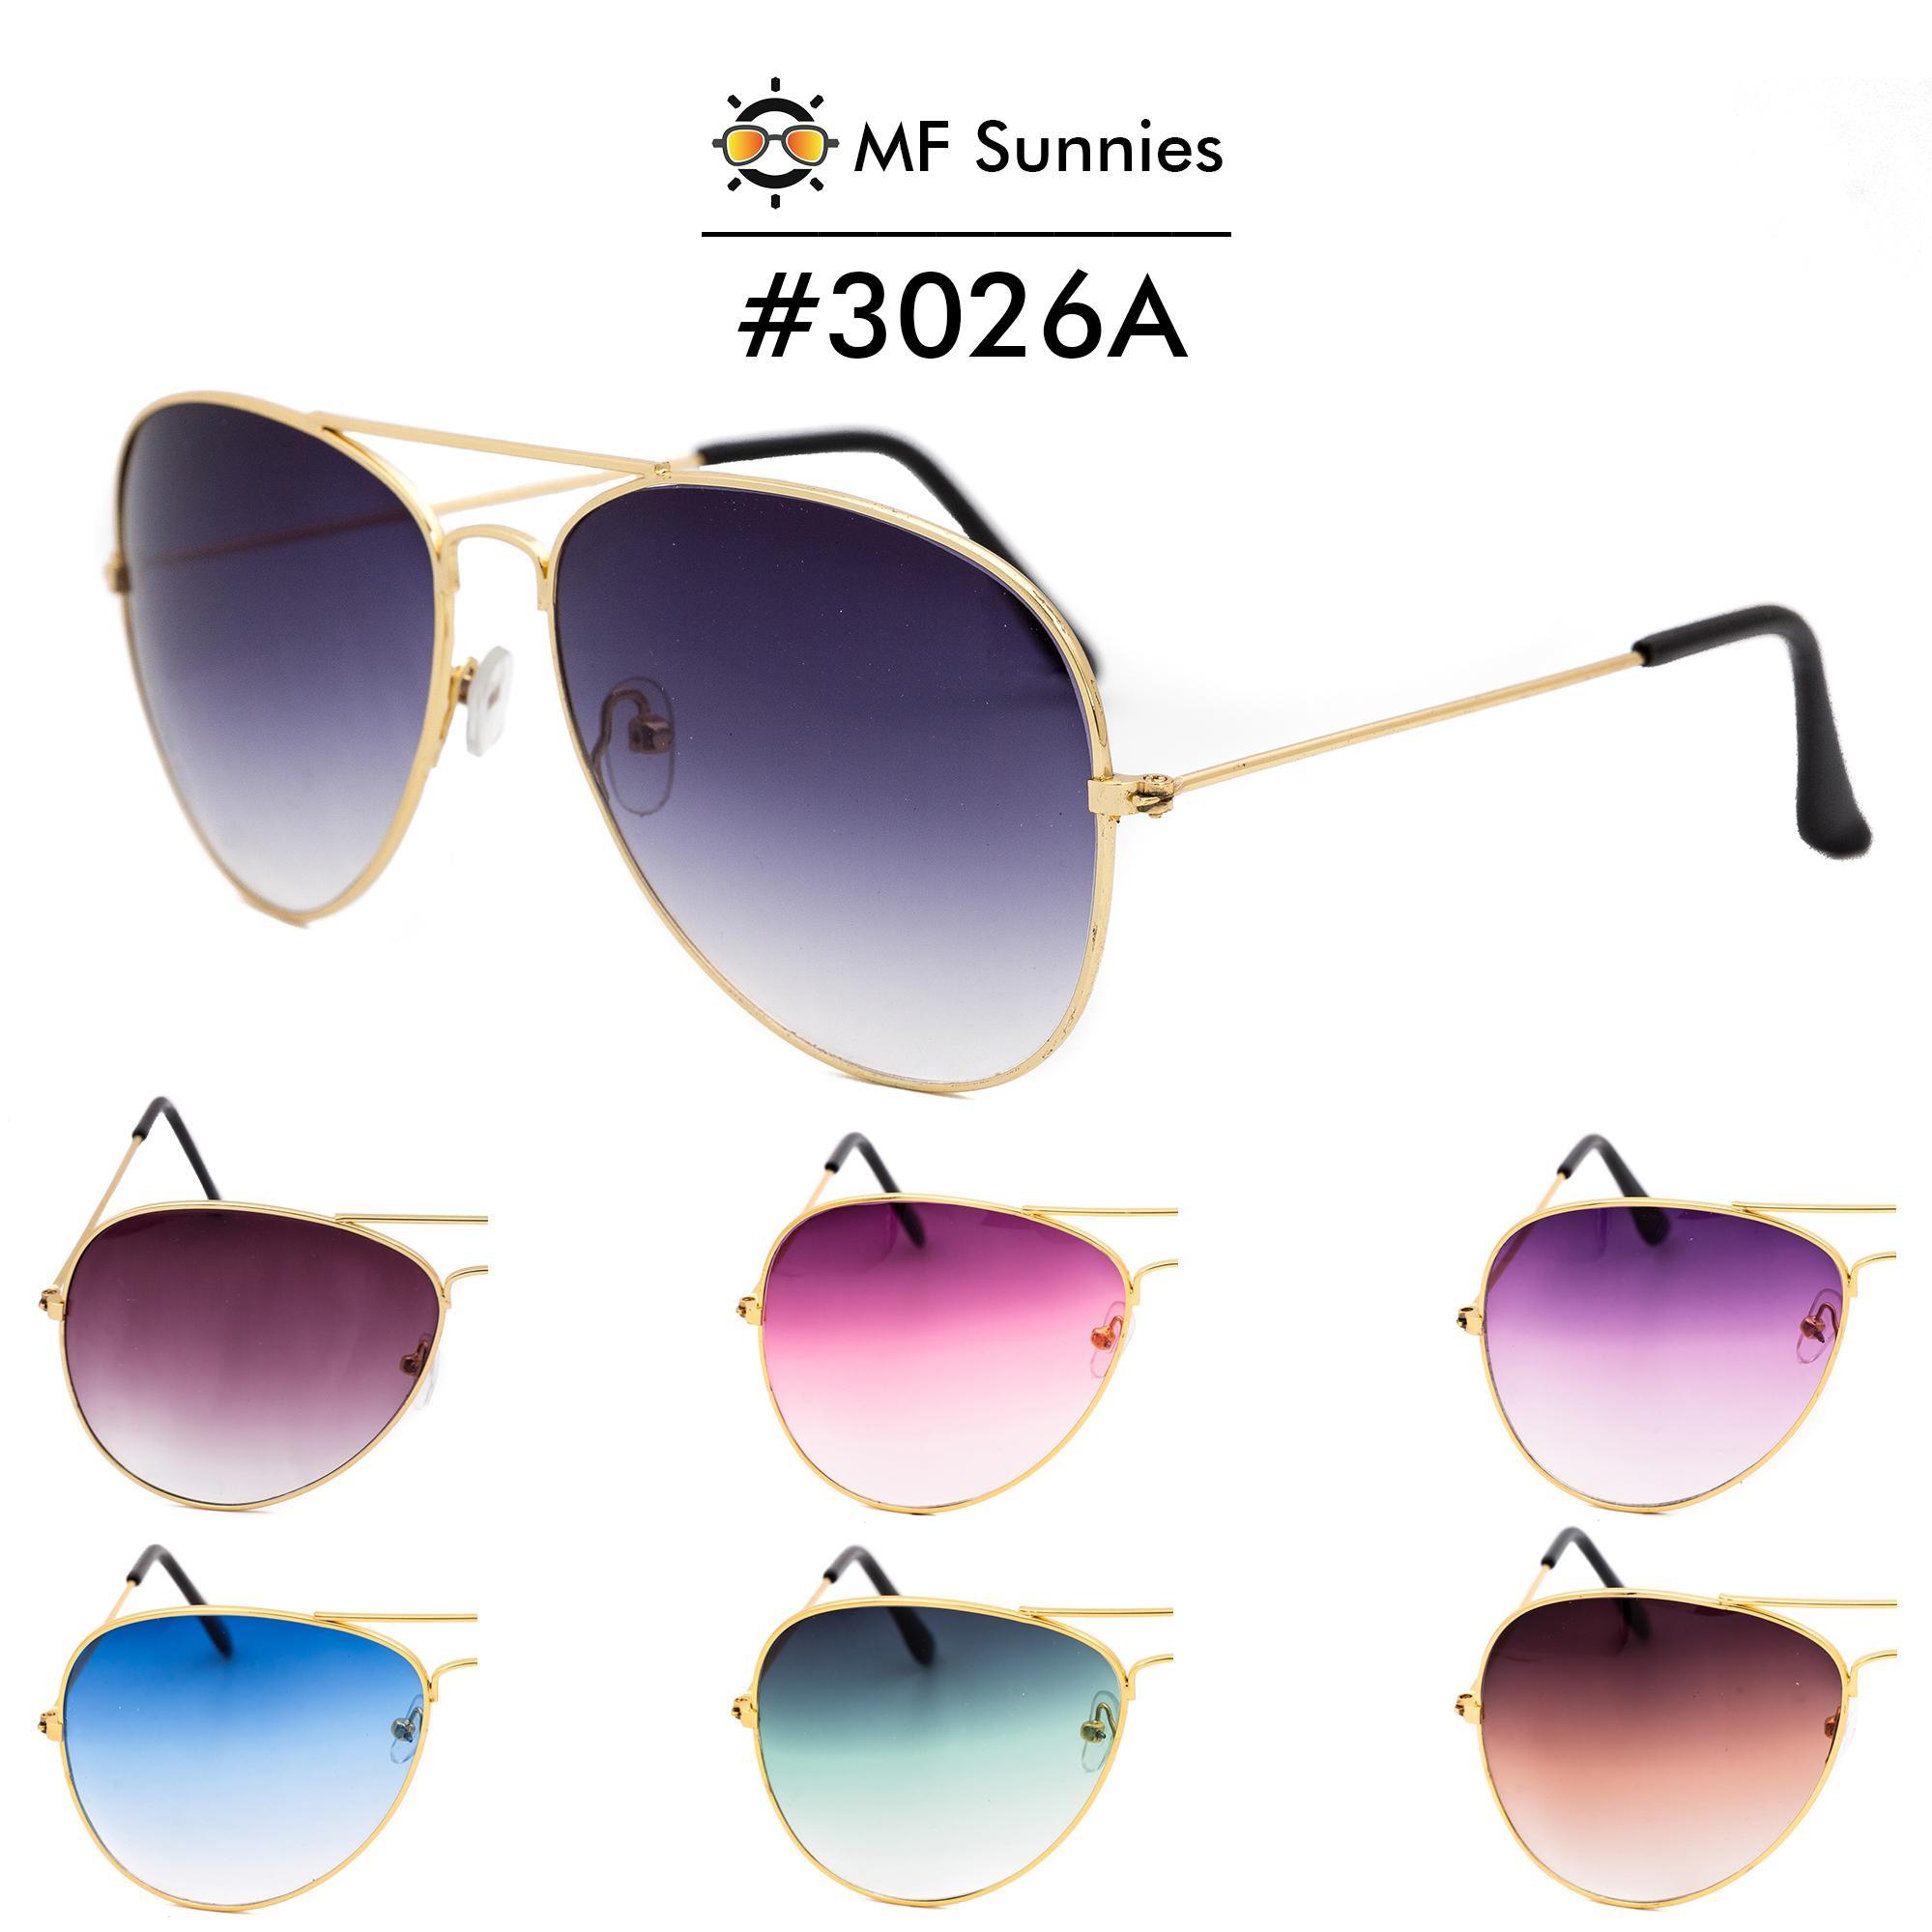 8da9c2bdab MFSunnies Sunnies Classic Aviator Gradient lens Metal Frame Fashion eyewear   3026A